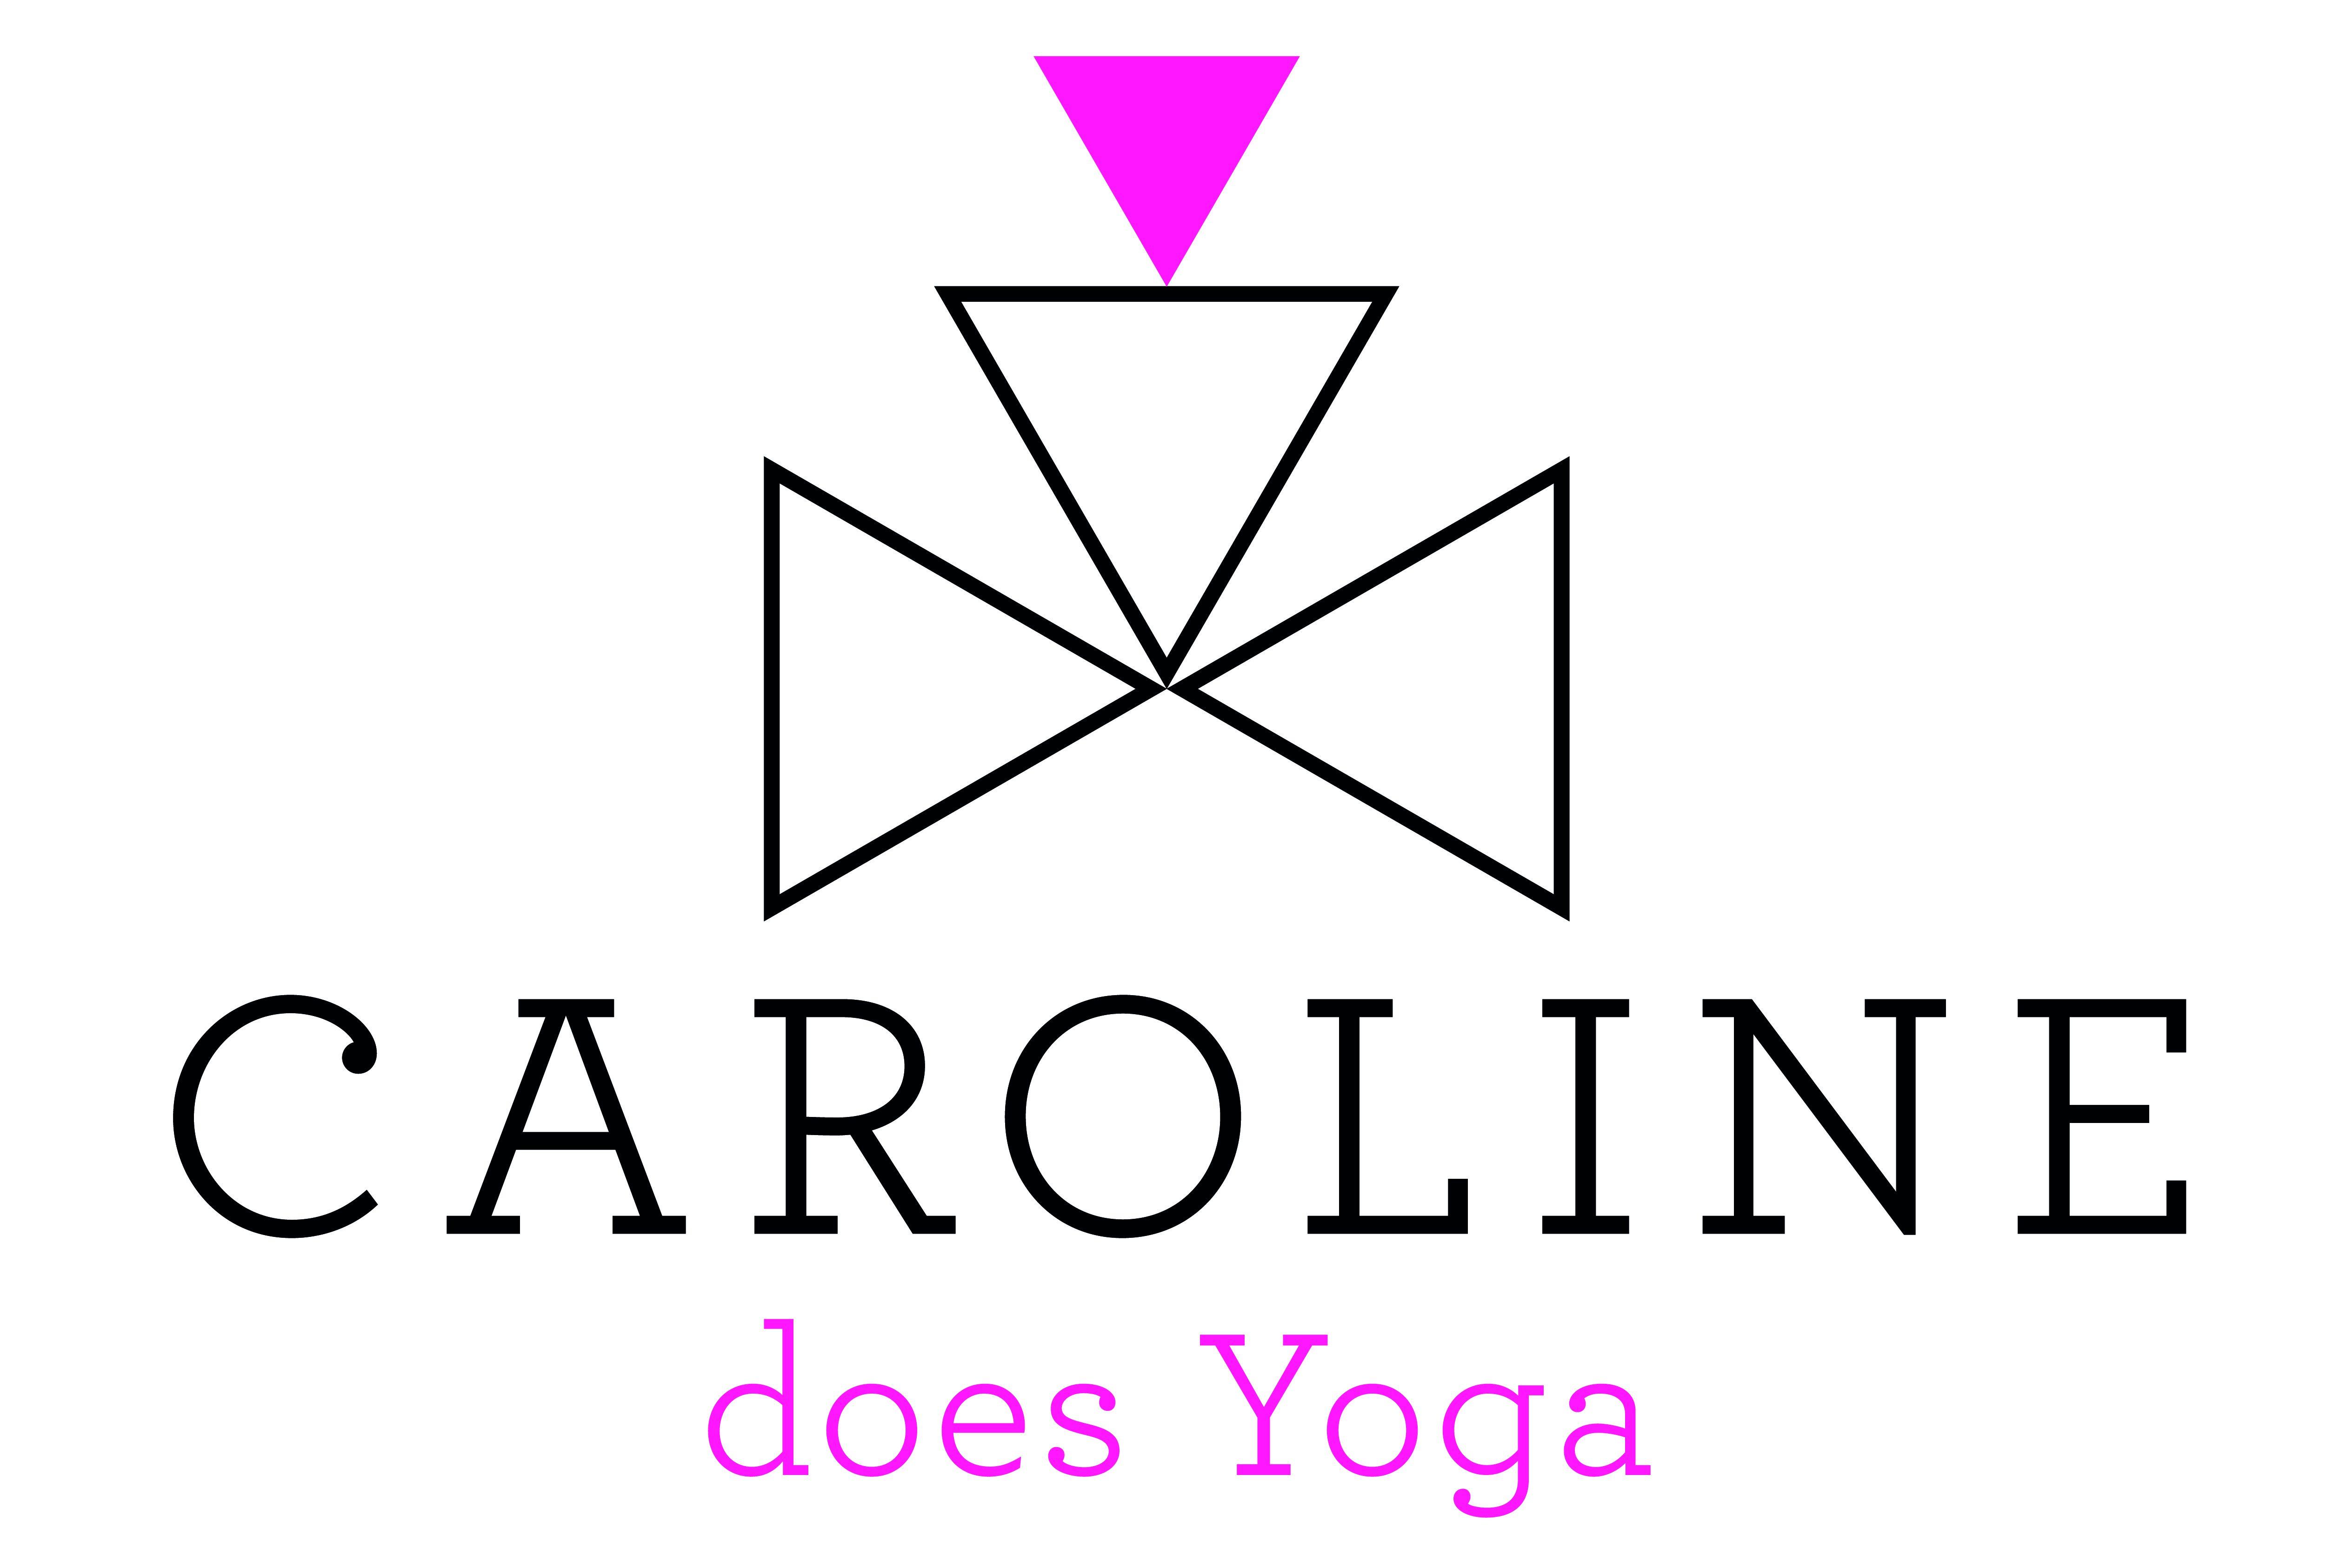 Caroline does Yoga